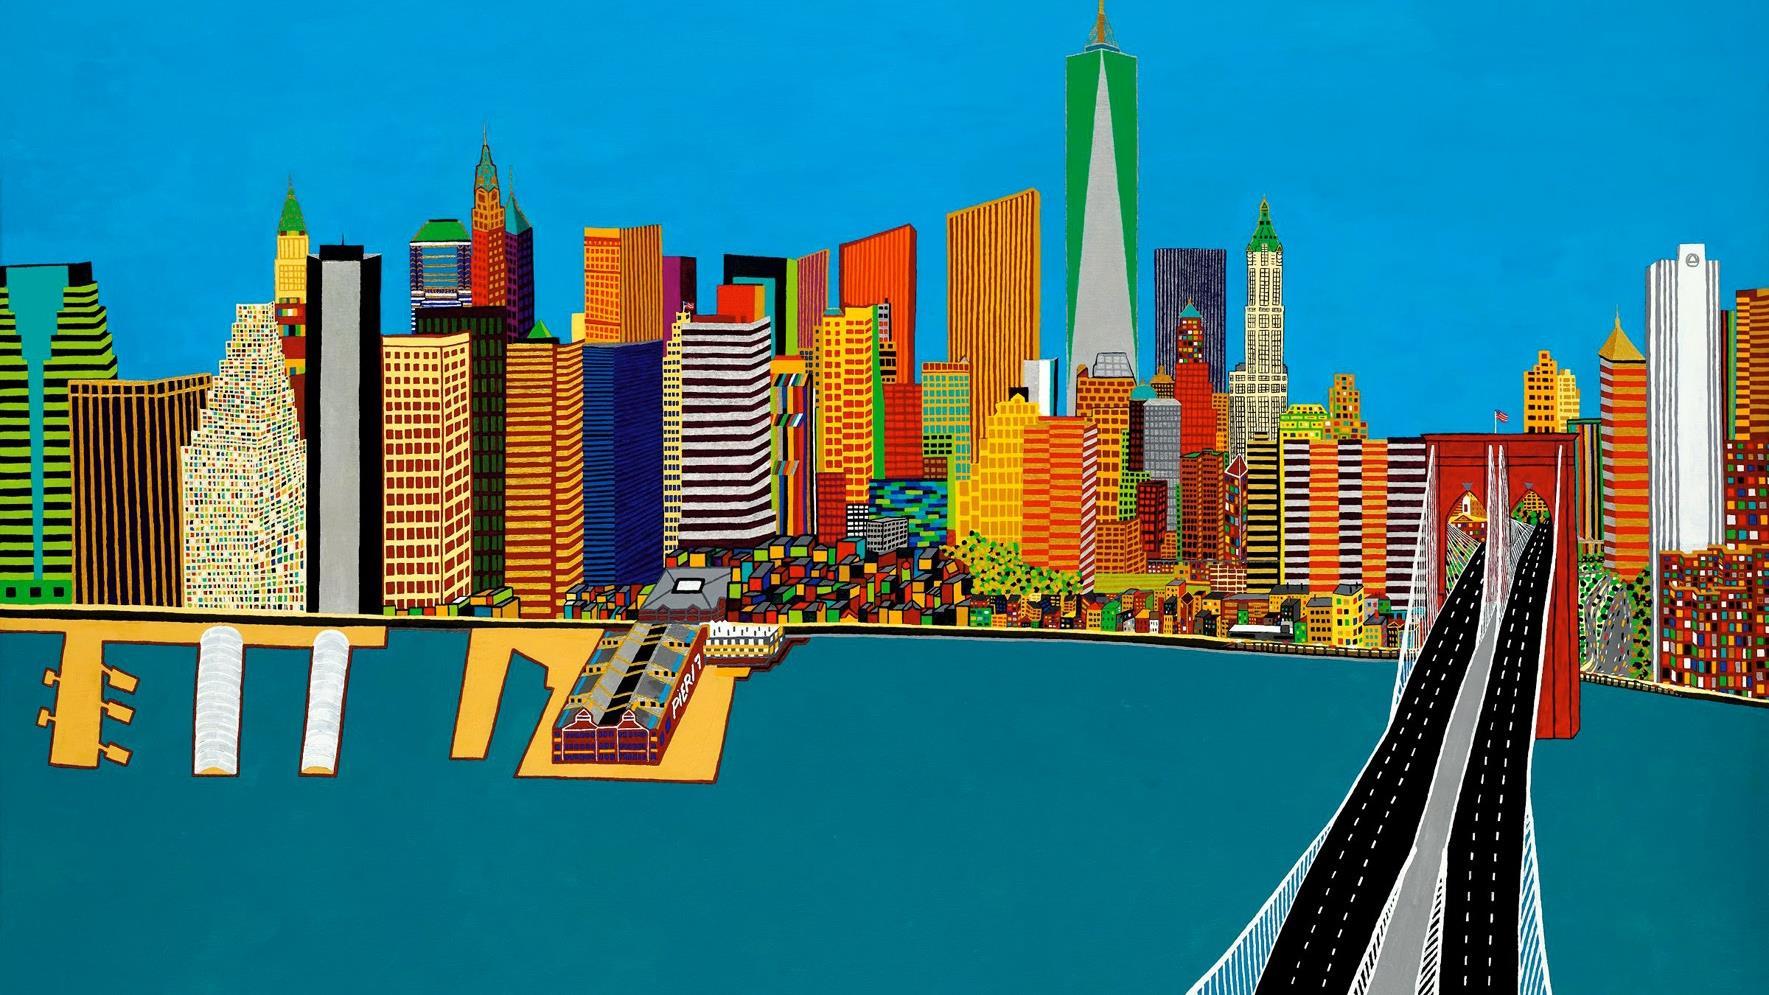 Schilderij van zwolse kunstenaar frank dammers in februari naar new york - Bron schilderijen ...